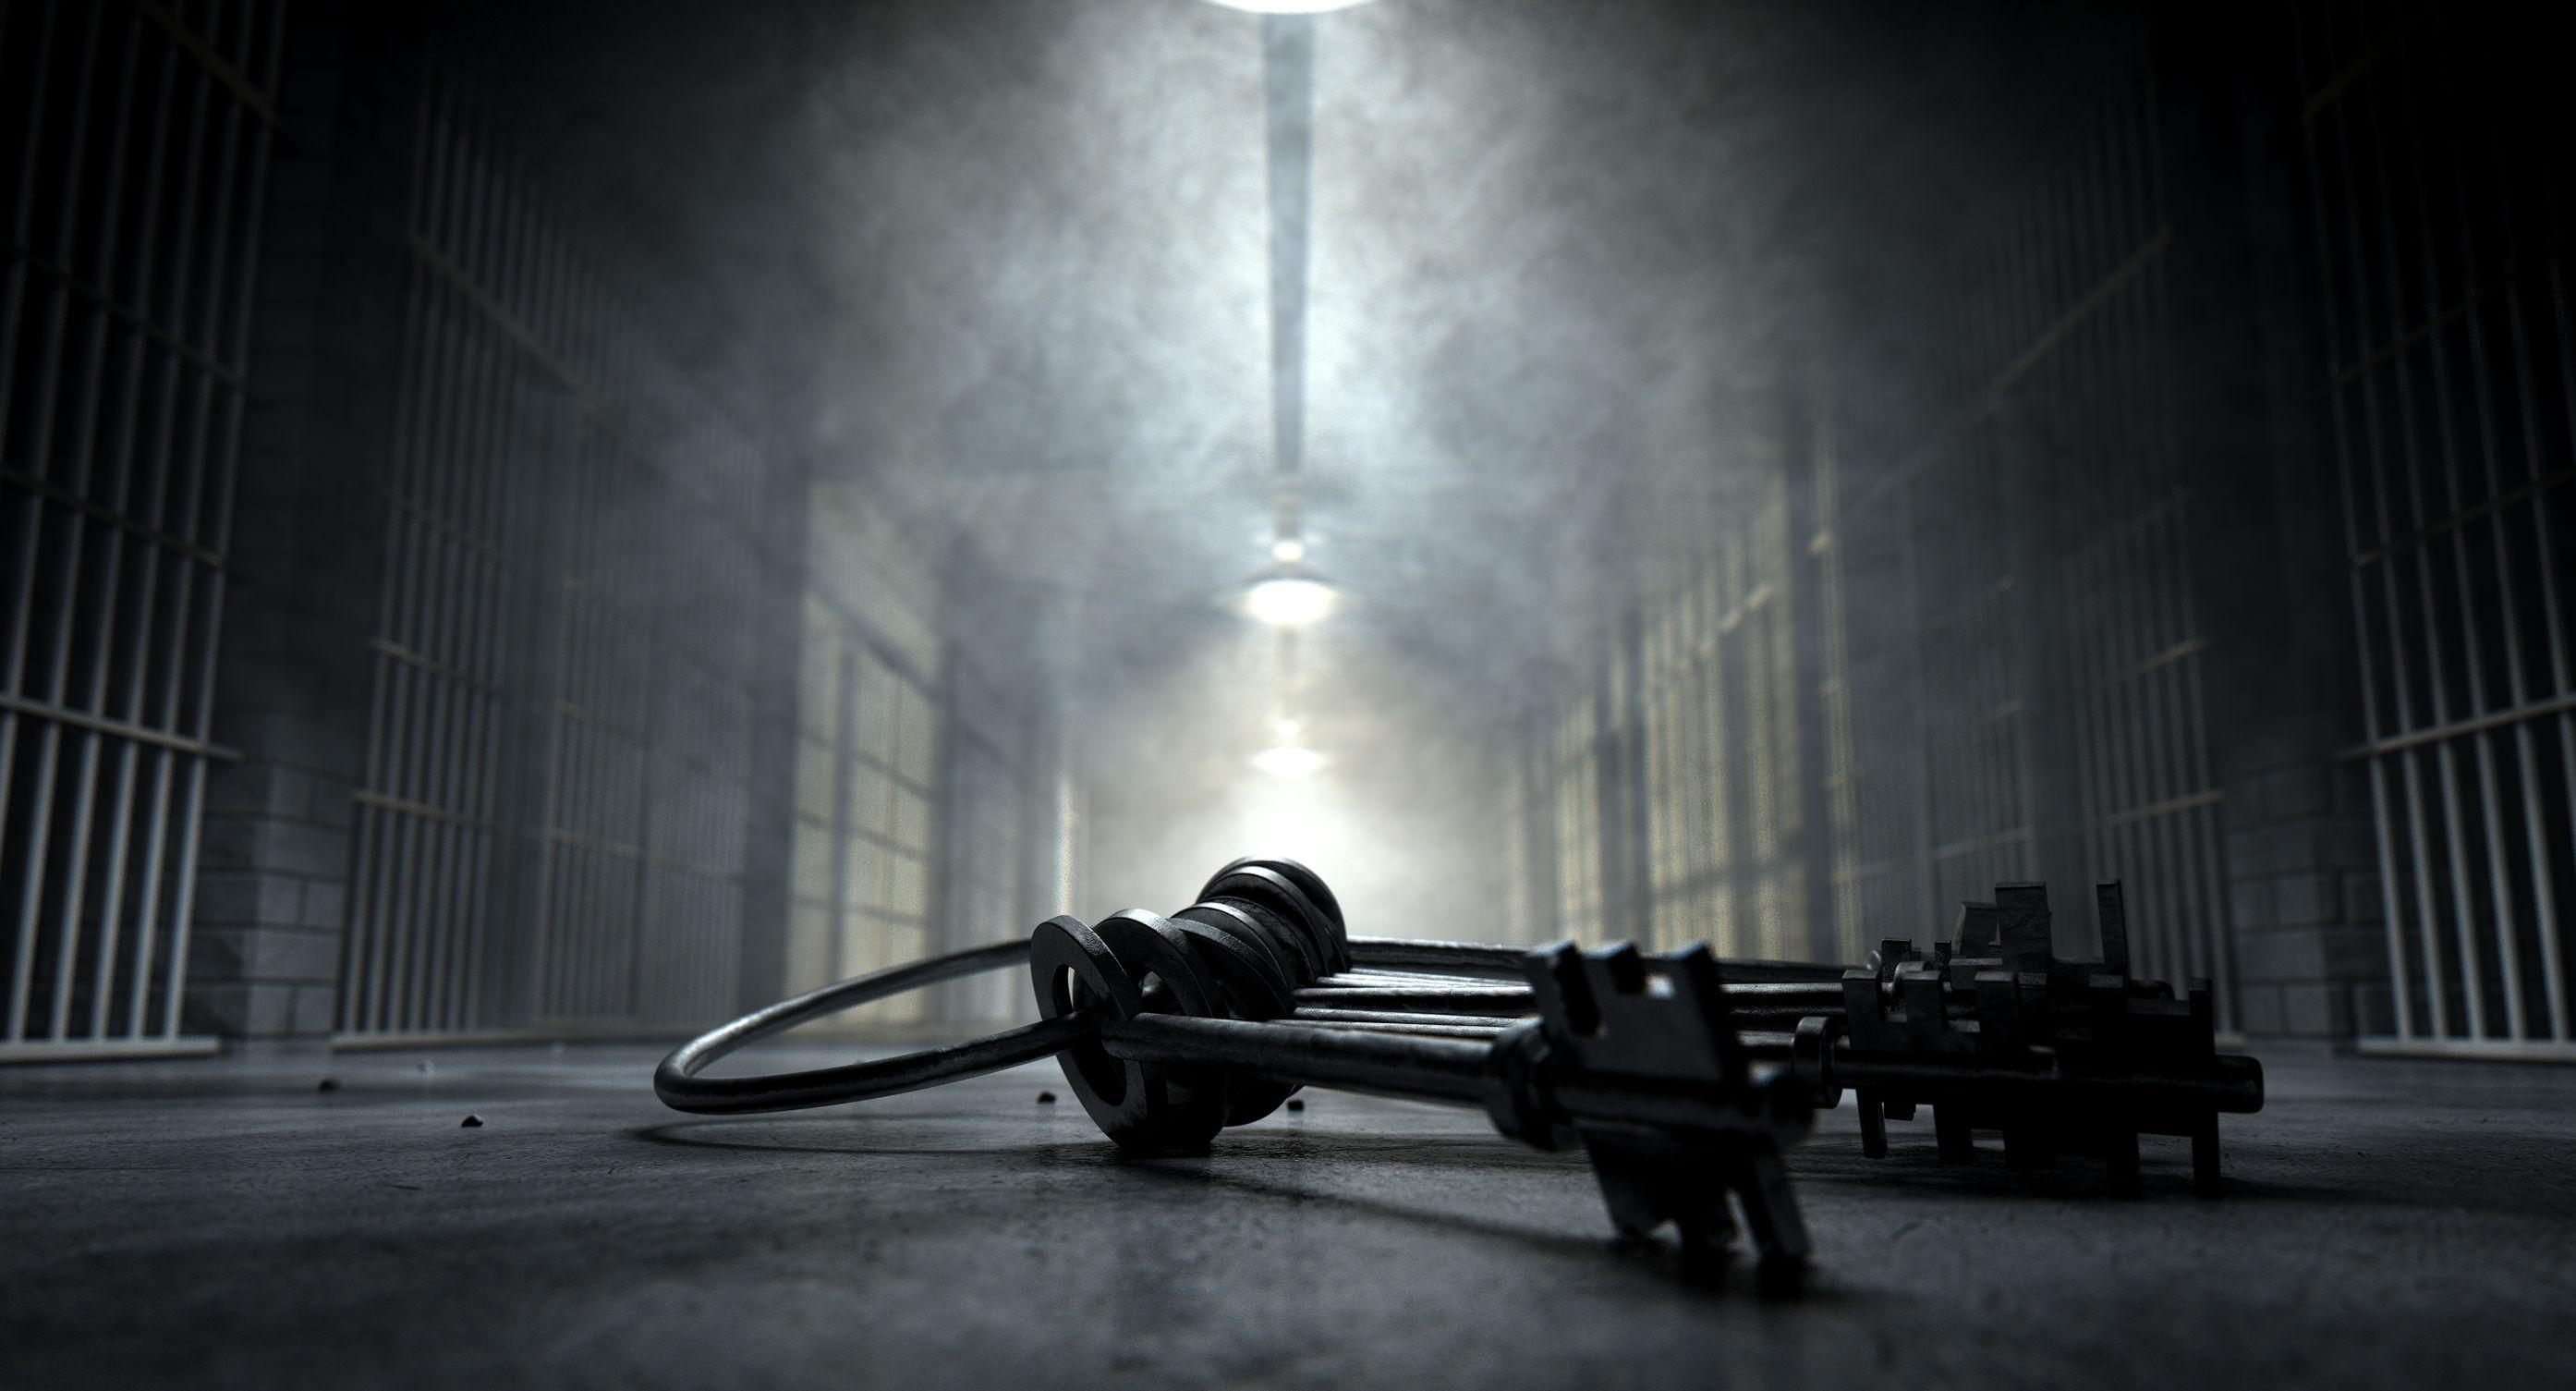 Peste 500 de deţinuţi au fost eliberaţi în prima zi de aplicare a legii recursului compensatoriu. Ministrul Justiţiei: Nu credeam că impactul va fi atât de mare| Sindicatele avertizează: În perioada următoare, vor fi eliberaţi alţi peste o mie